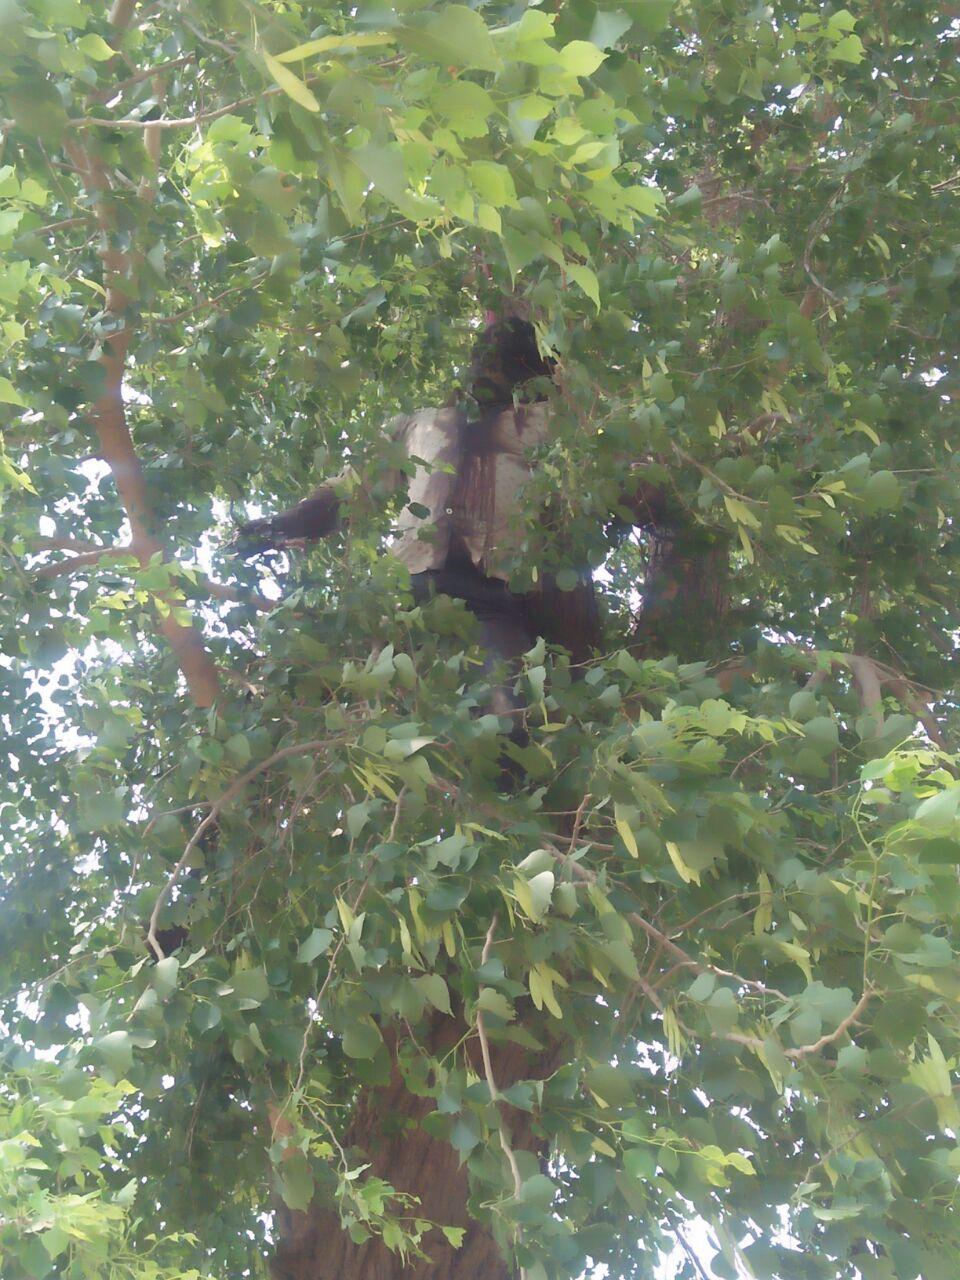 शीशम के पेड़ से लटकता मिला शव